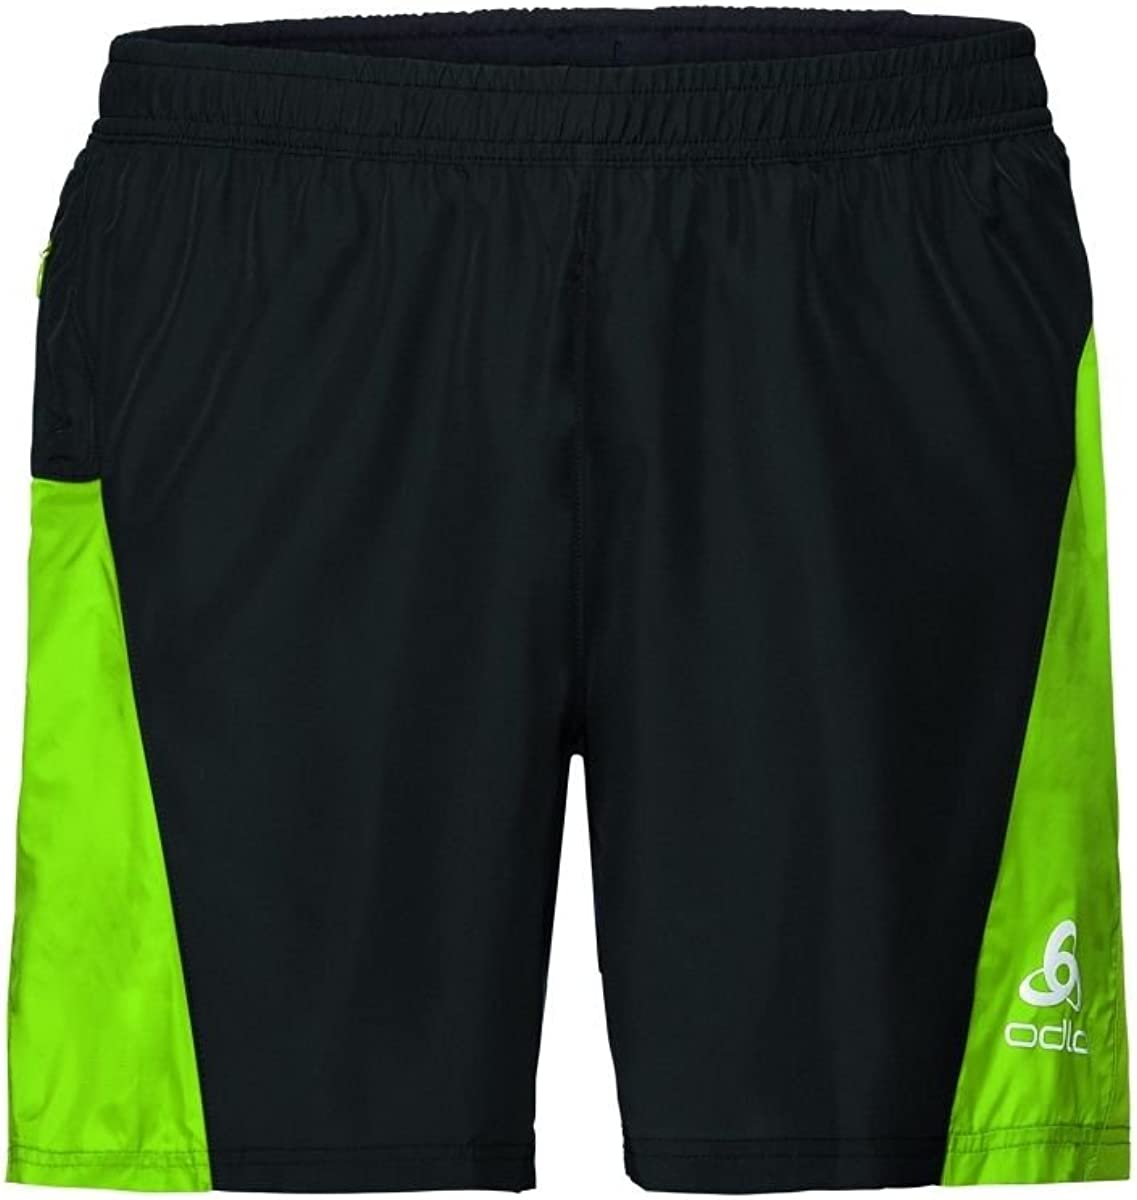 ODLO Mens Shorts With Inner Brief Omnius Running